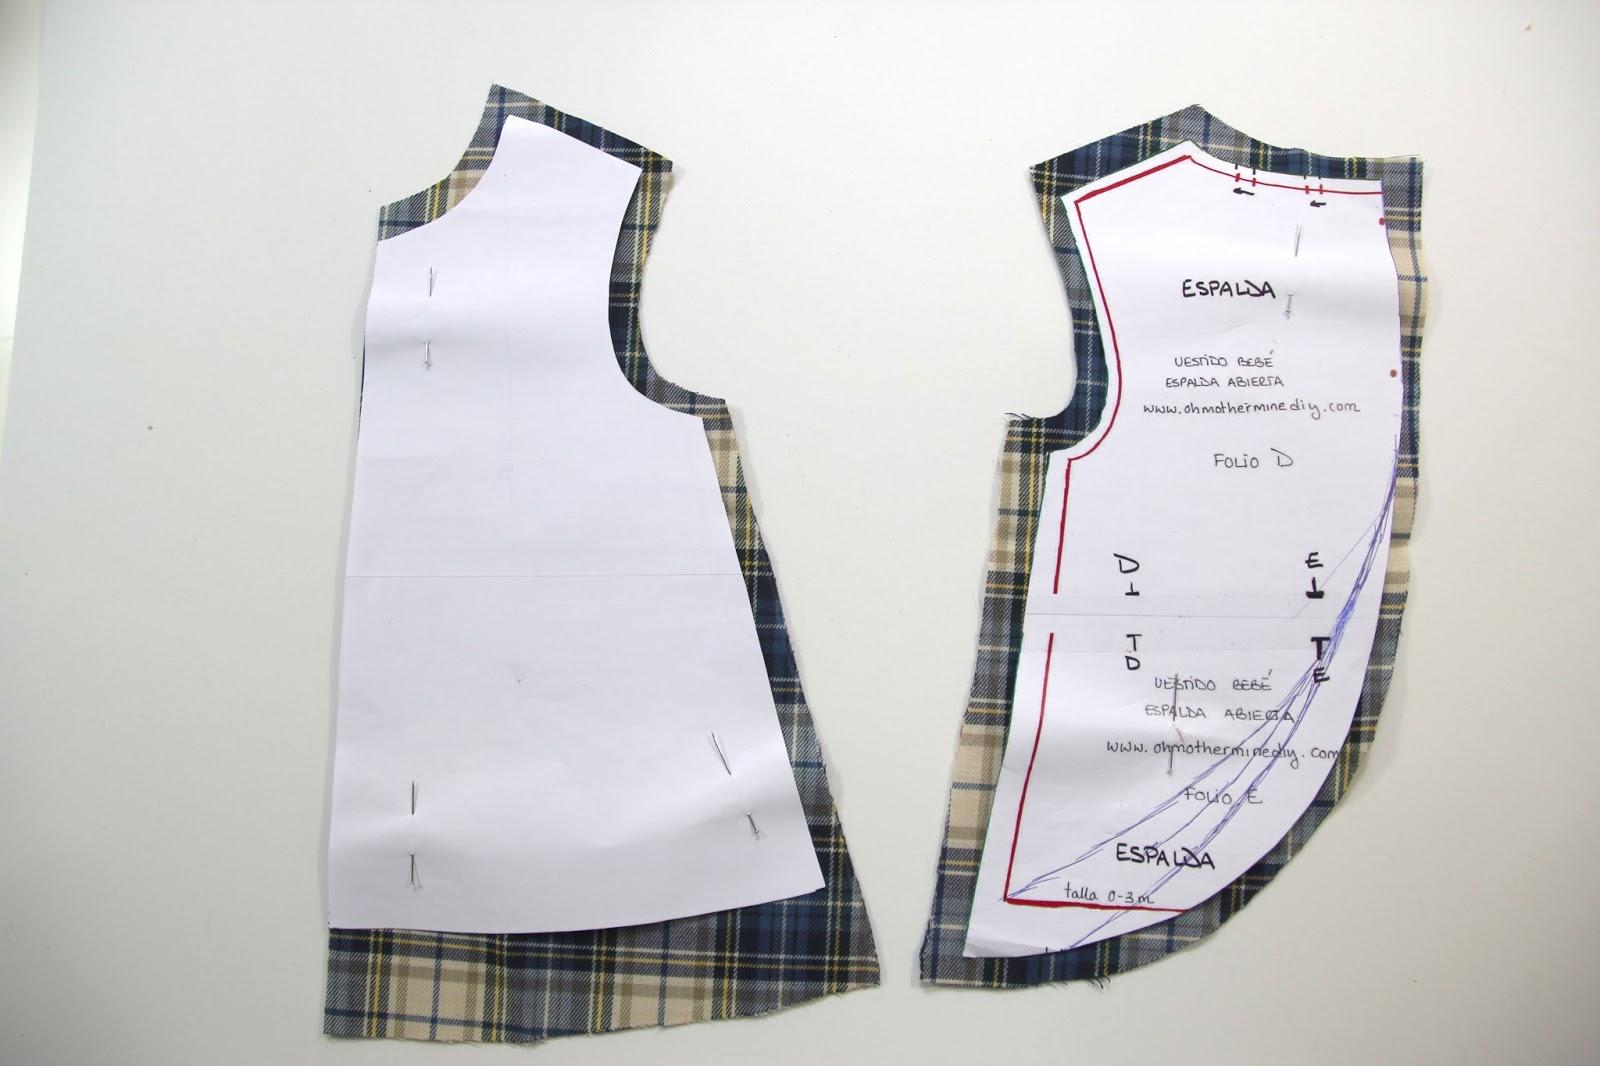 10 Trucos que debes saber para hacer tu propia ropa (PARTE 1)  74735ae991525